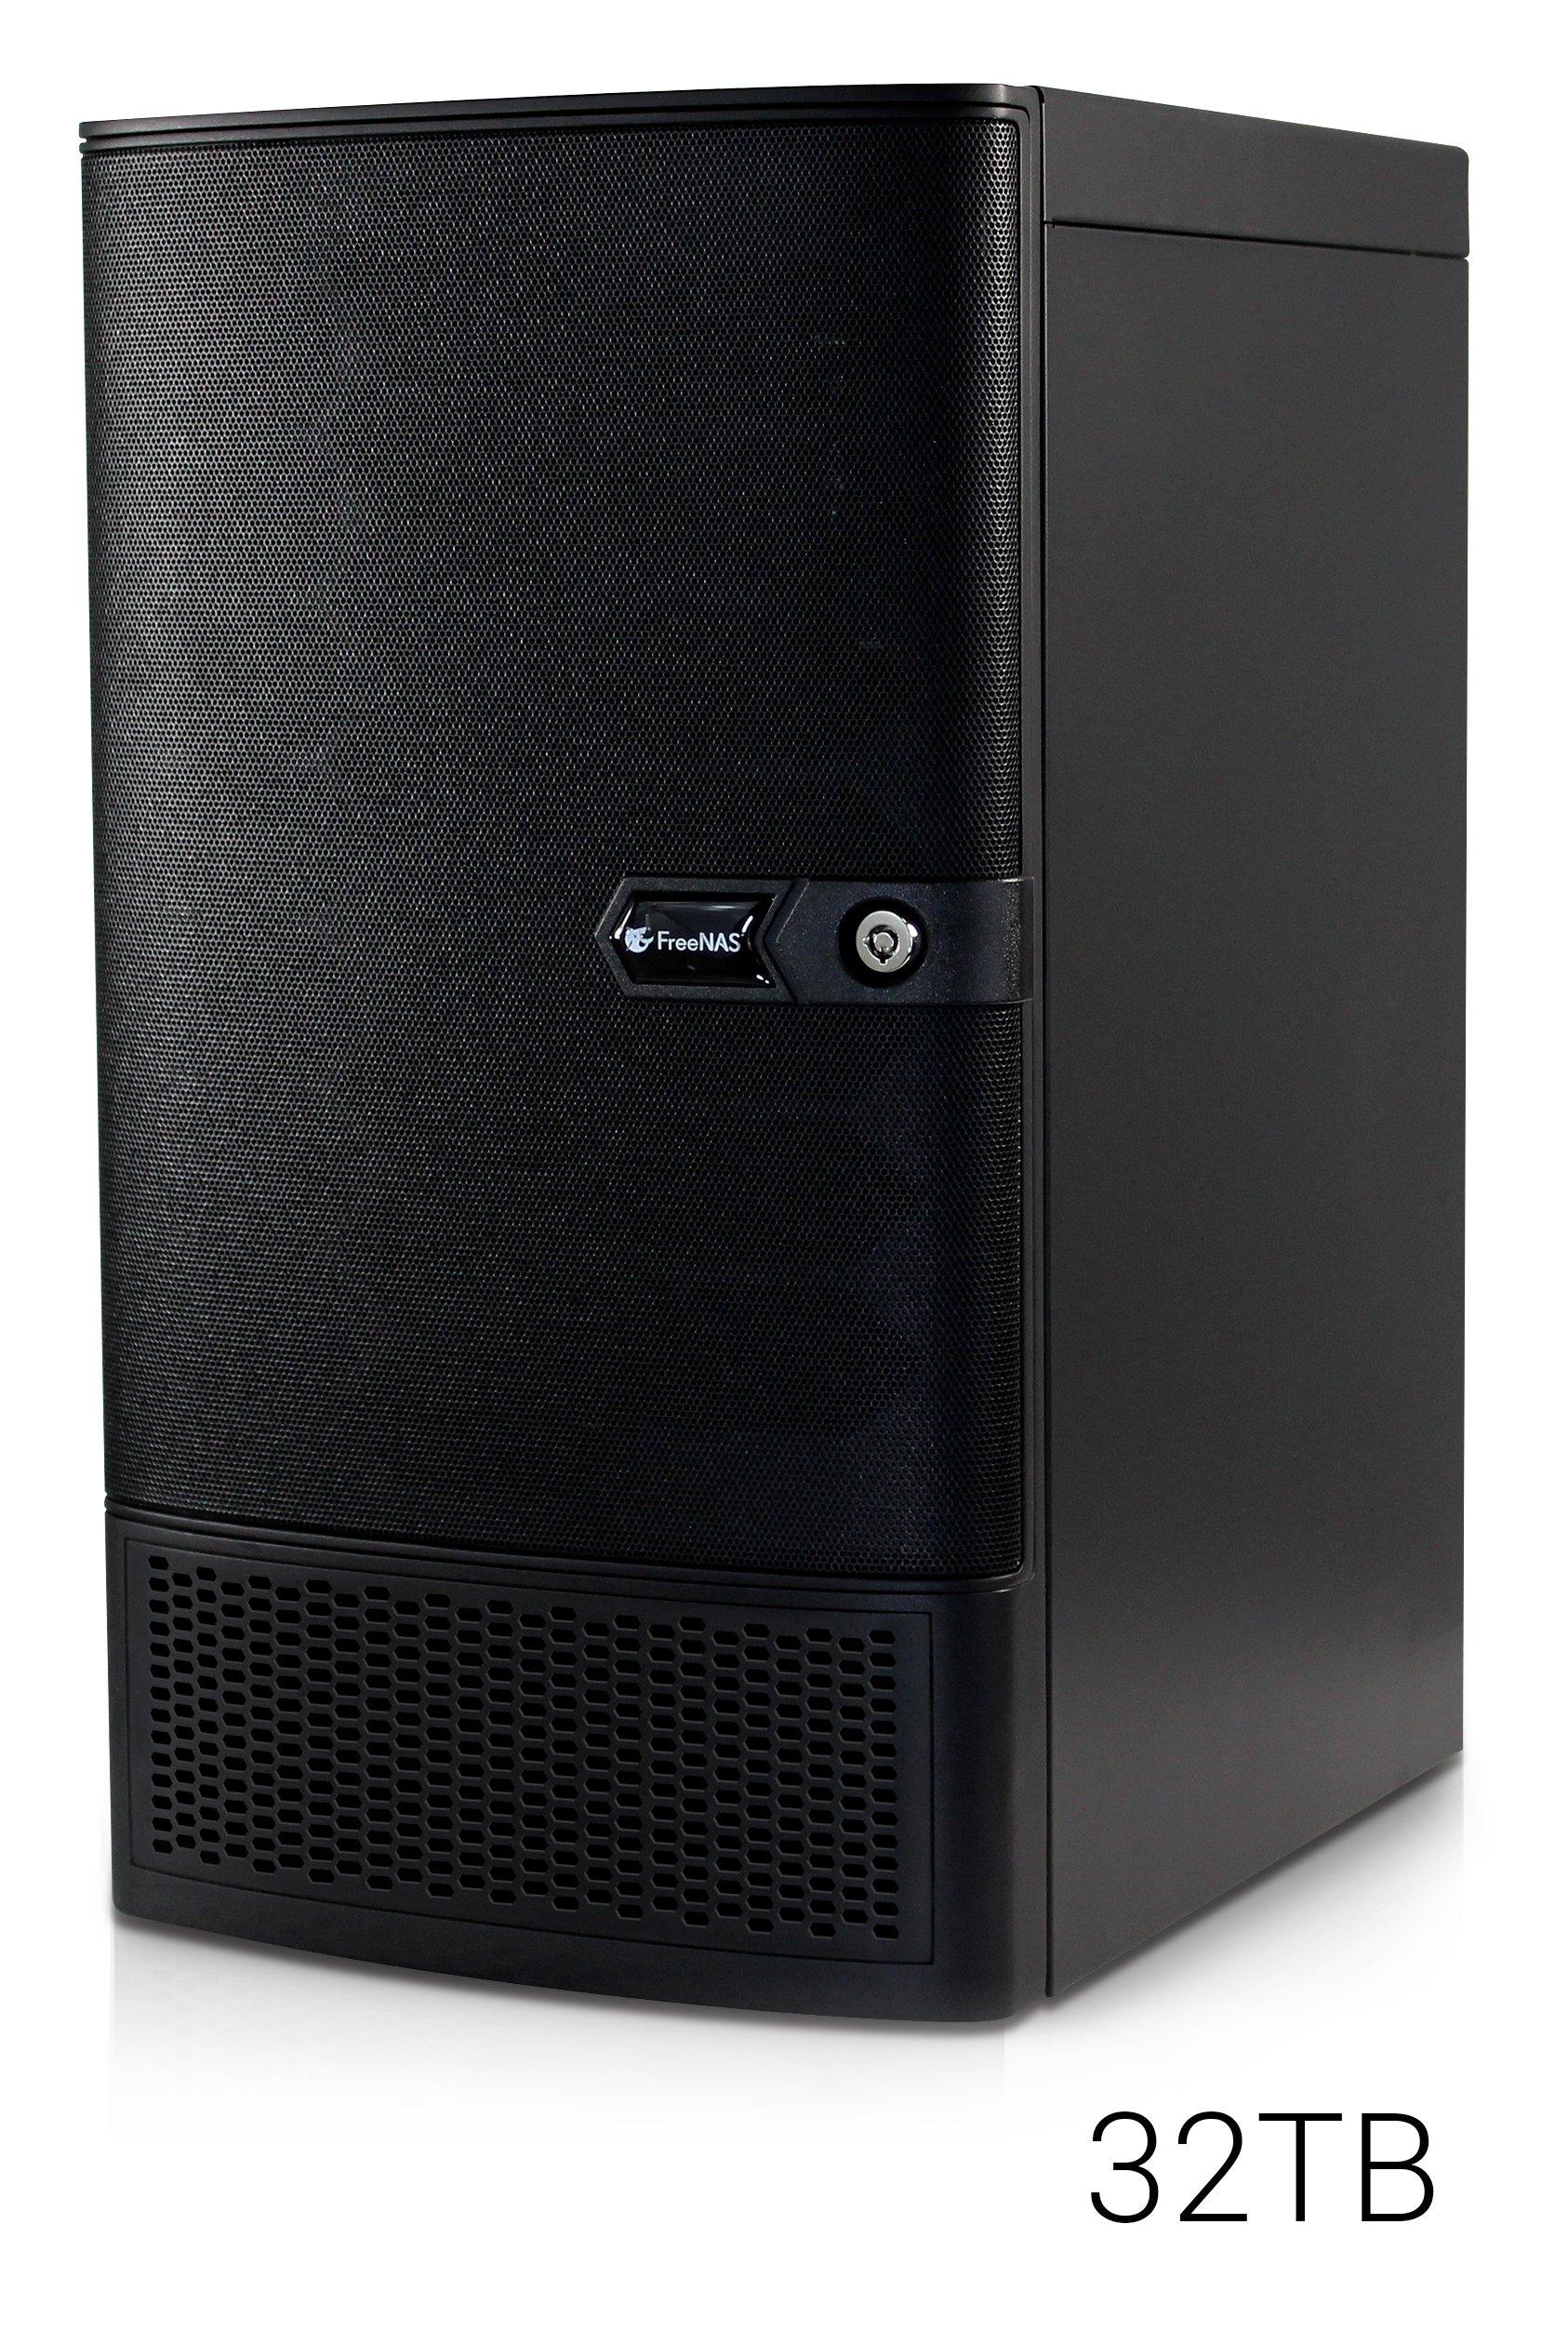 FreeNAS Mini XL (32TB) - Network Attached Storage